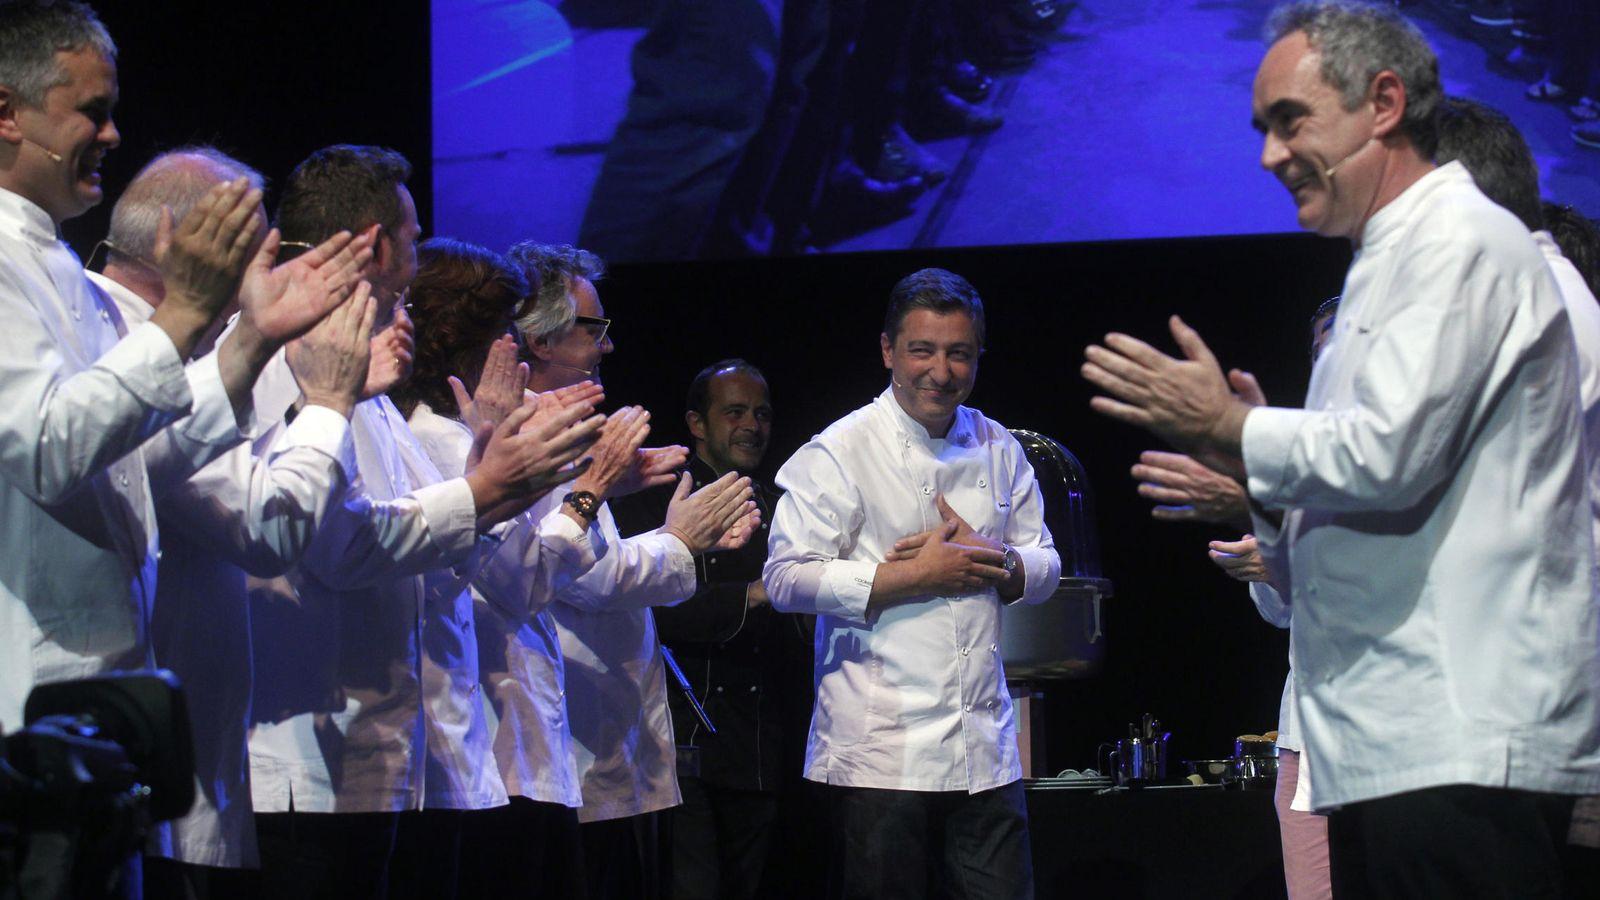 Foto: Ferran Adrià y otros chefs aplauden a Joan Roca, cocinero jefe del mejor restaurante del mundo. (iStock)